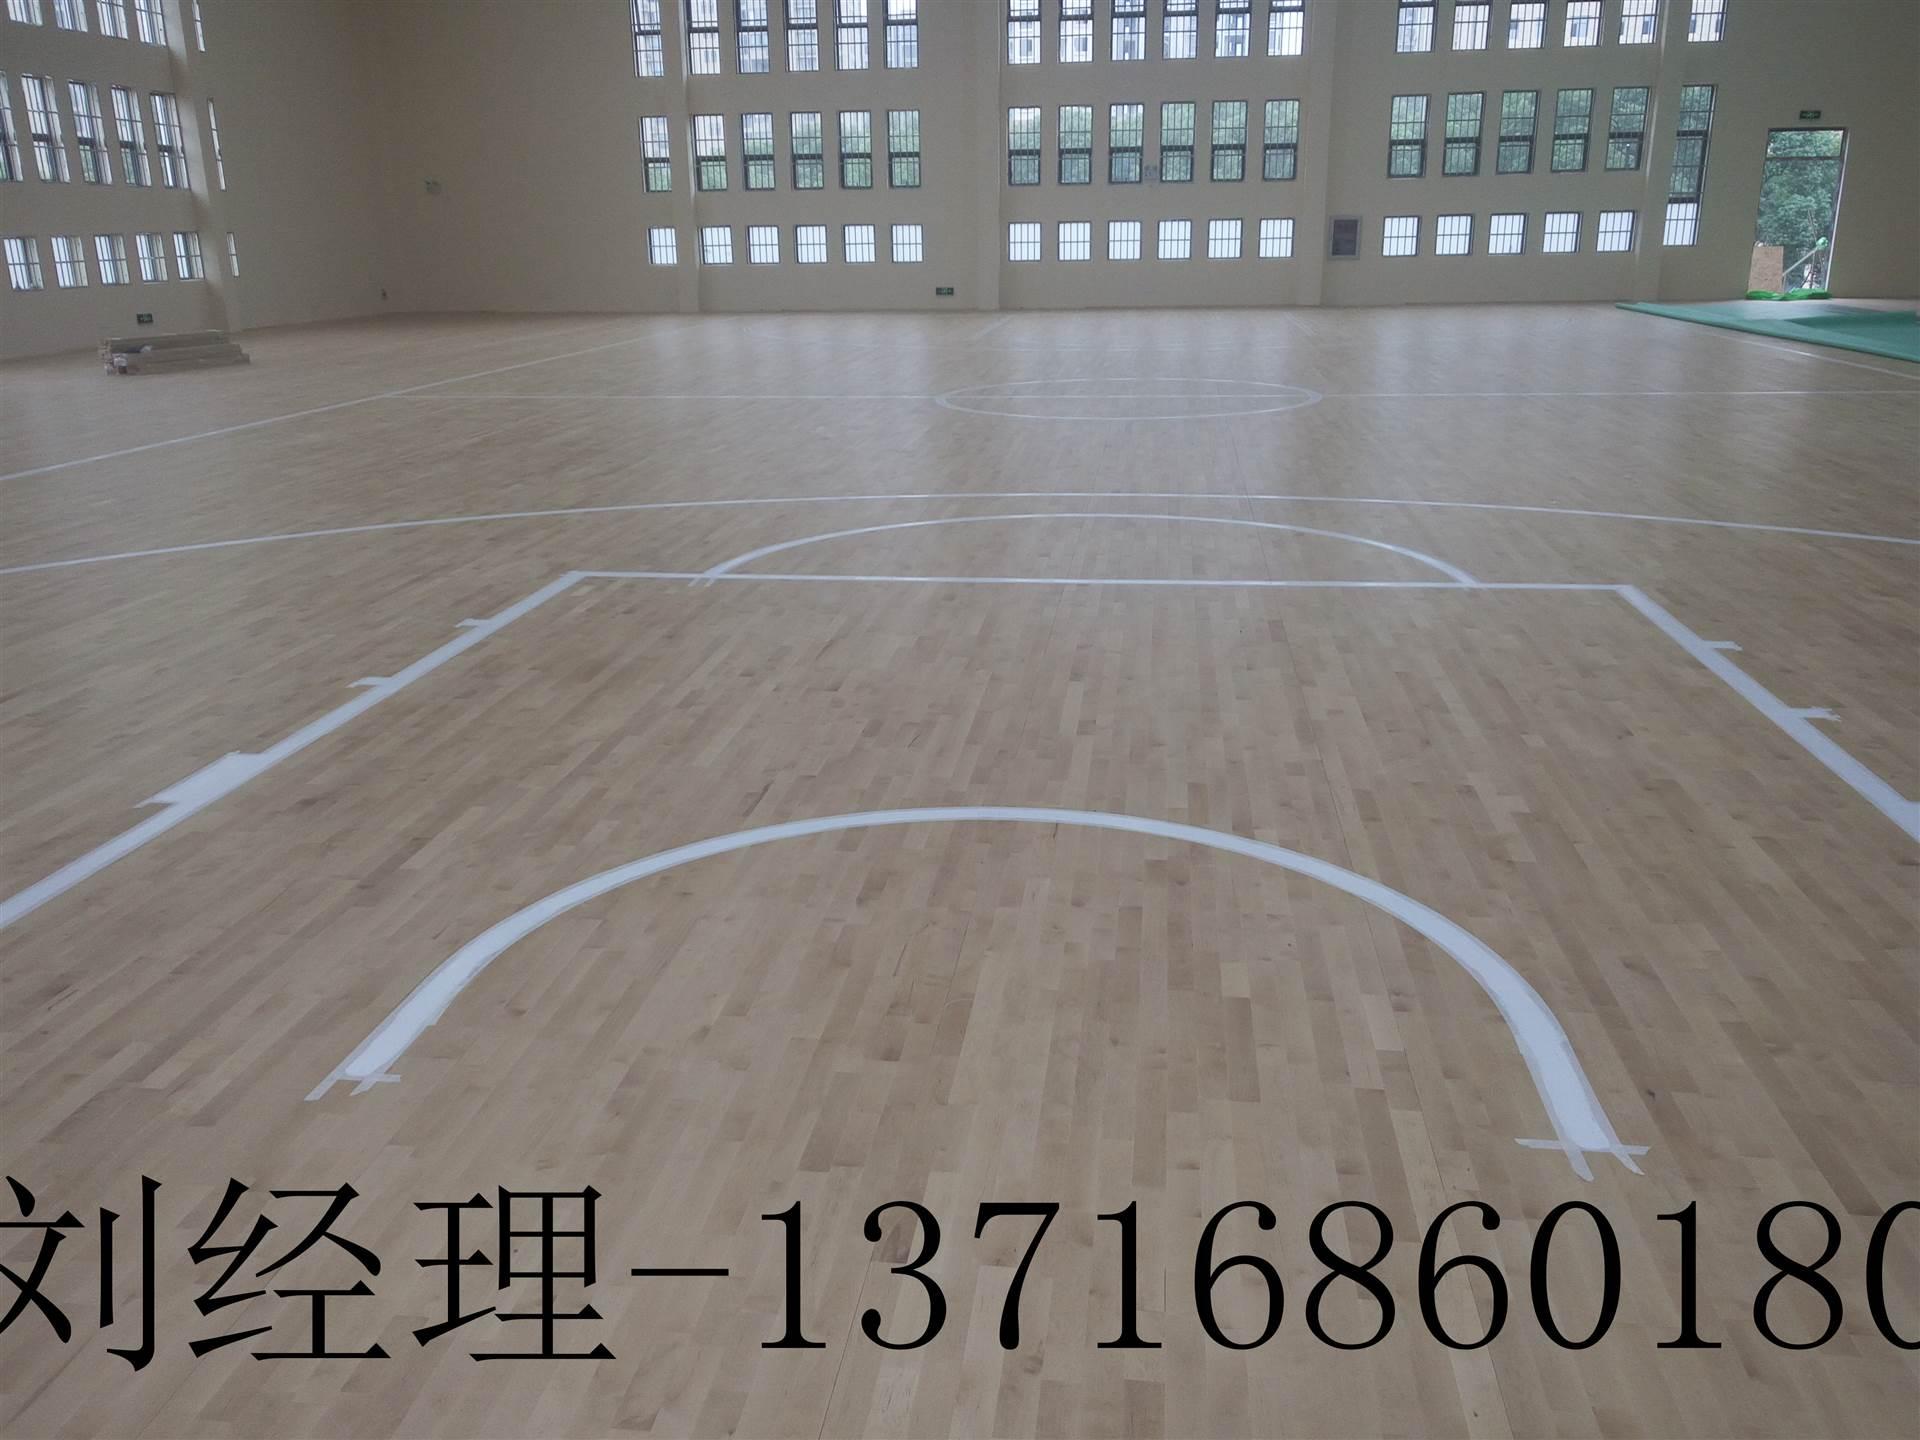 运动木地板实力厂家 欧氏篮球木地板 木地板行业龙头企业